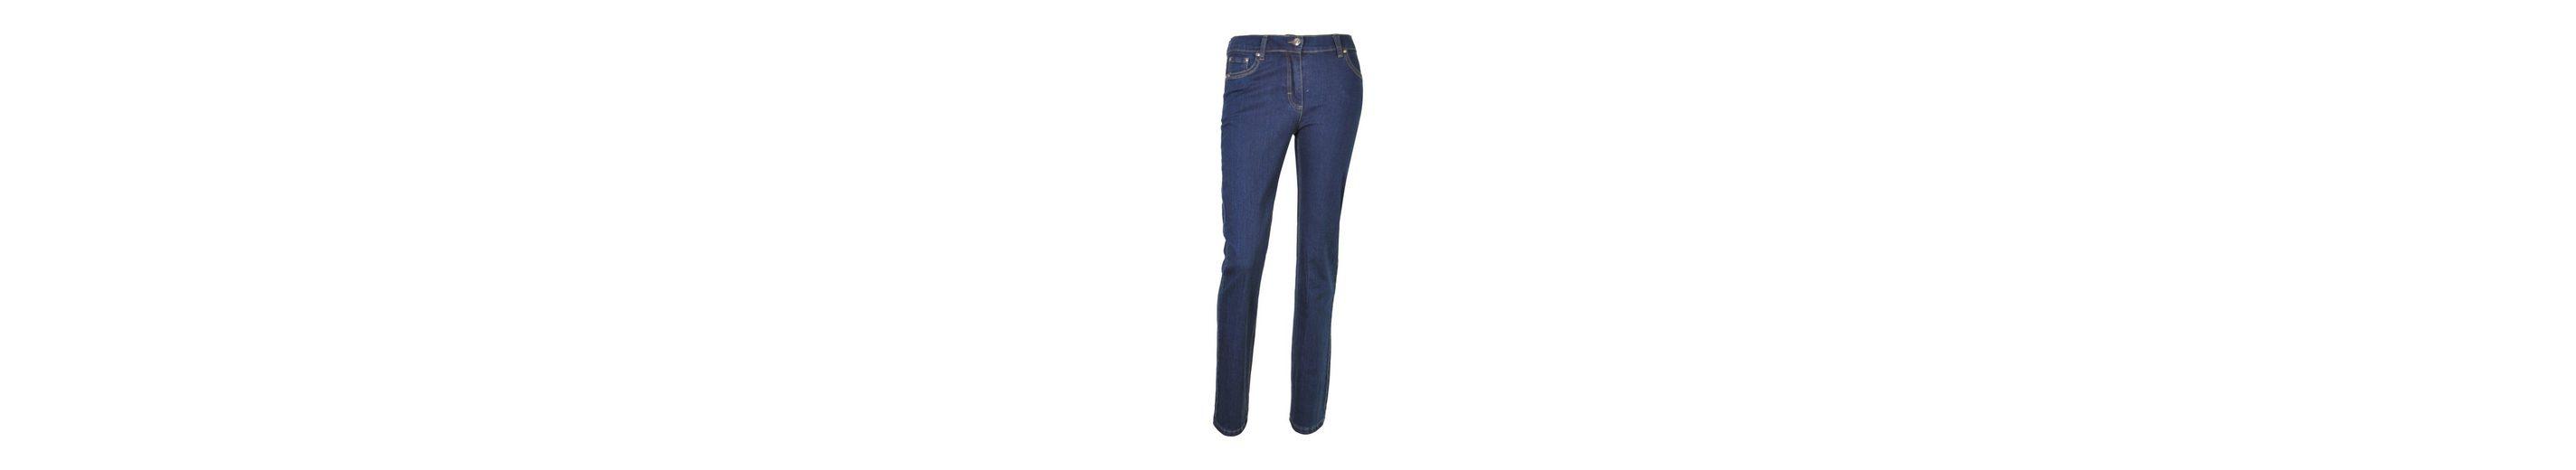 NAVIGAZIONE Stretch-Hose, Jeans-Look, Super bequem, Must-Have